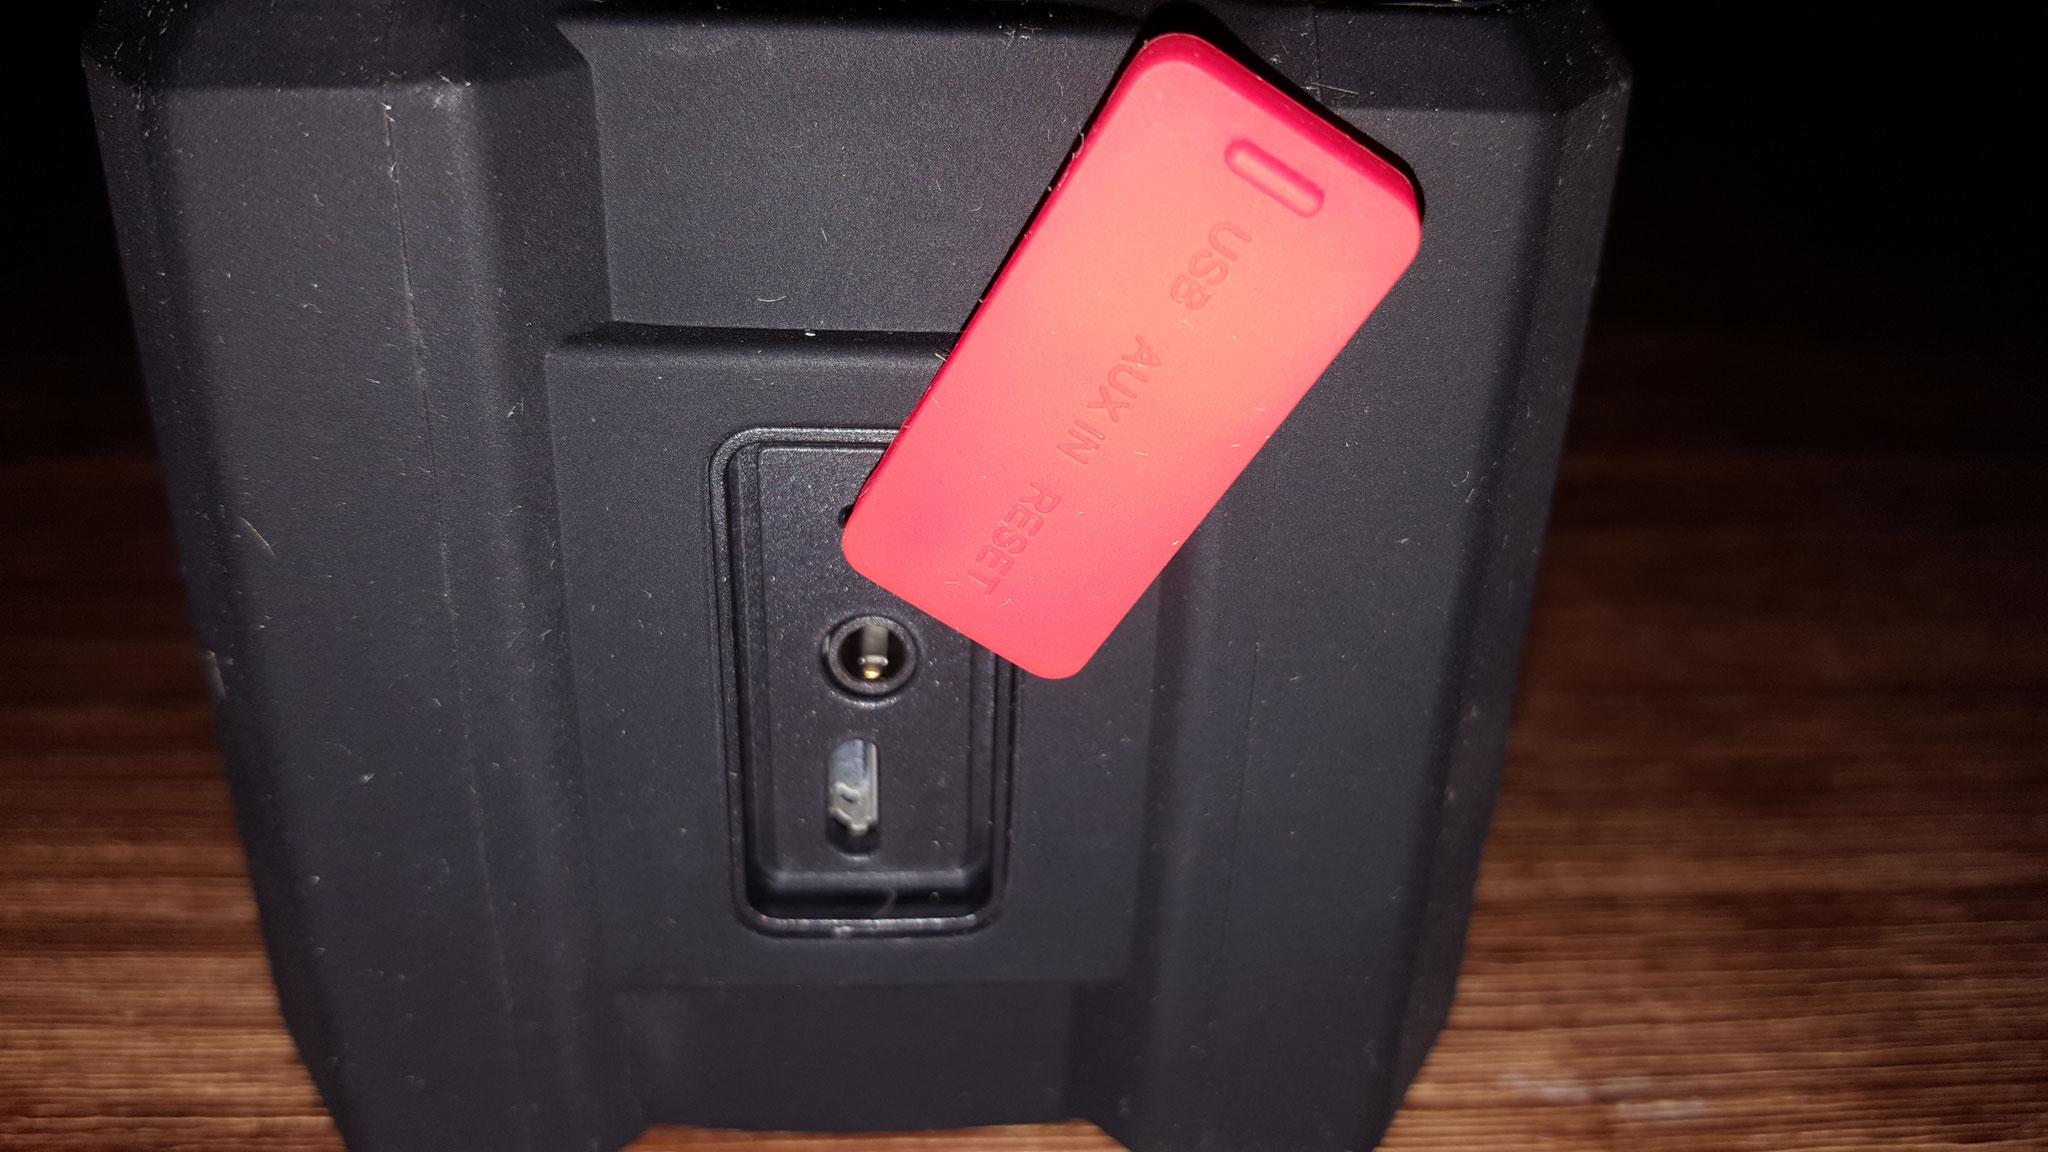 Anschluss für Micro USB und Klinkenstecker